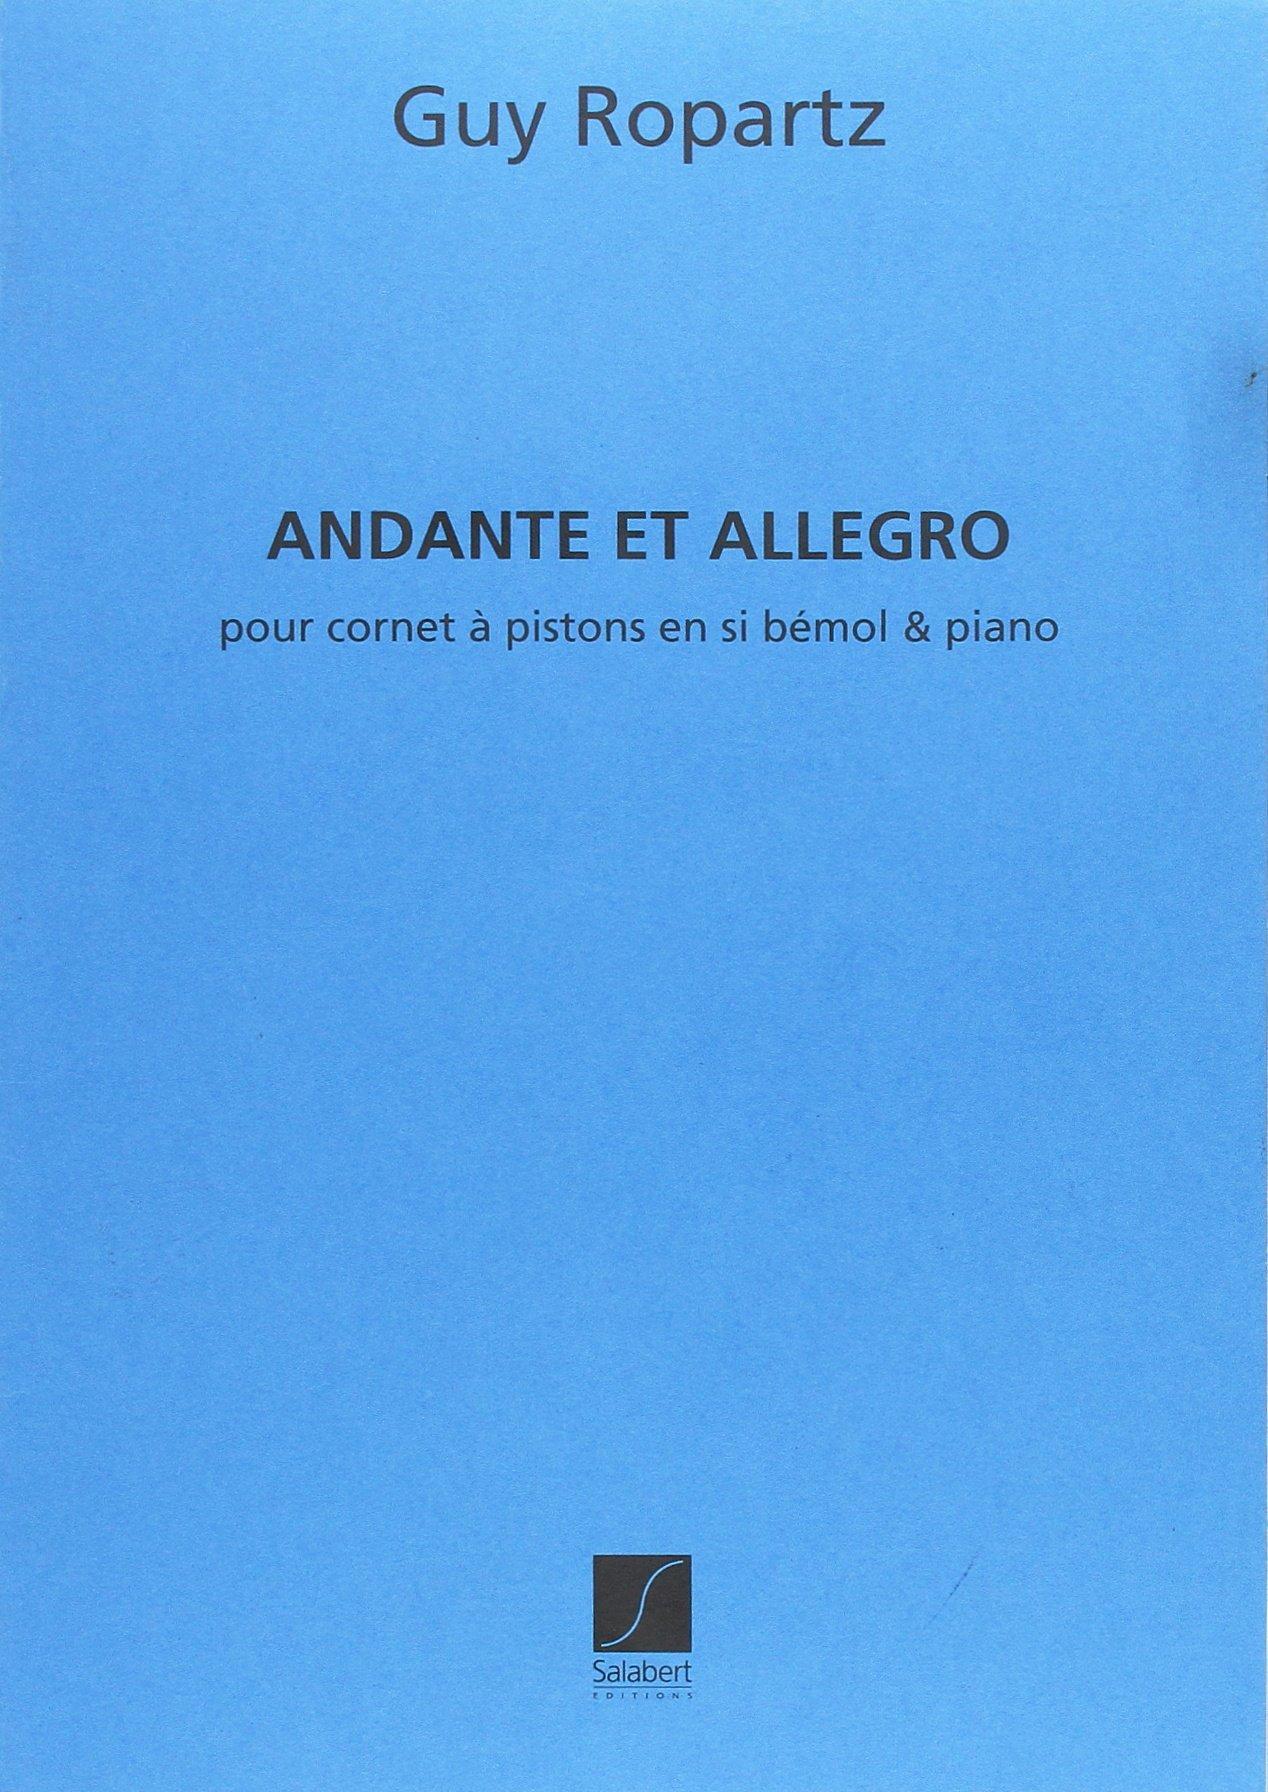 Andante et allegro pour cornet à pistons en si b et piano Partition – 1 janvier 2009 Ropartz Joseph-Guy Salabert B0029U2R82 49330